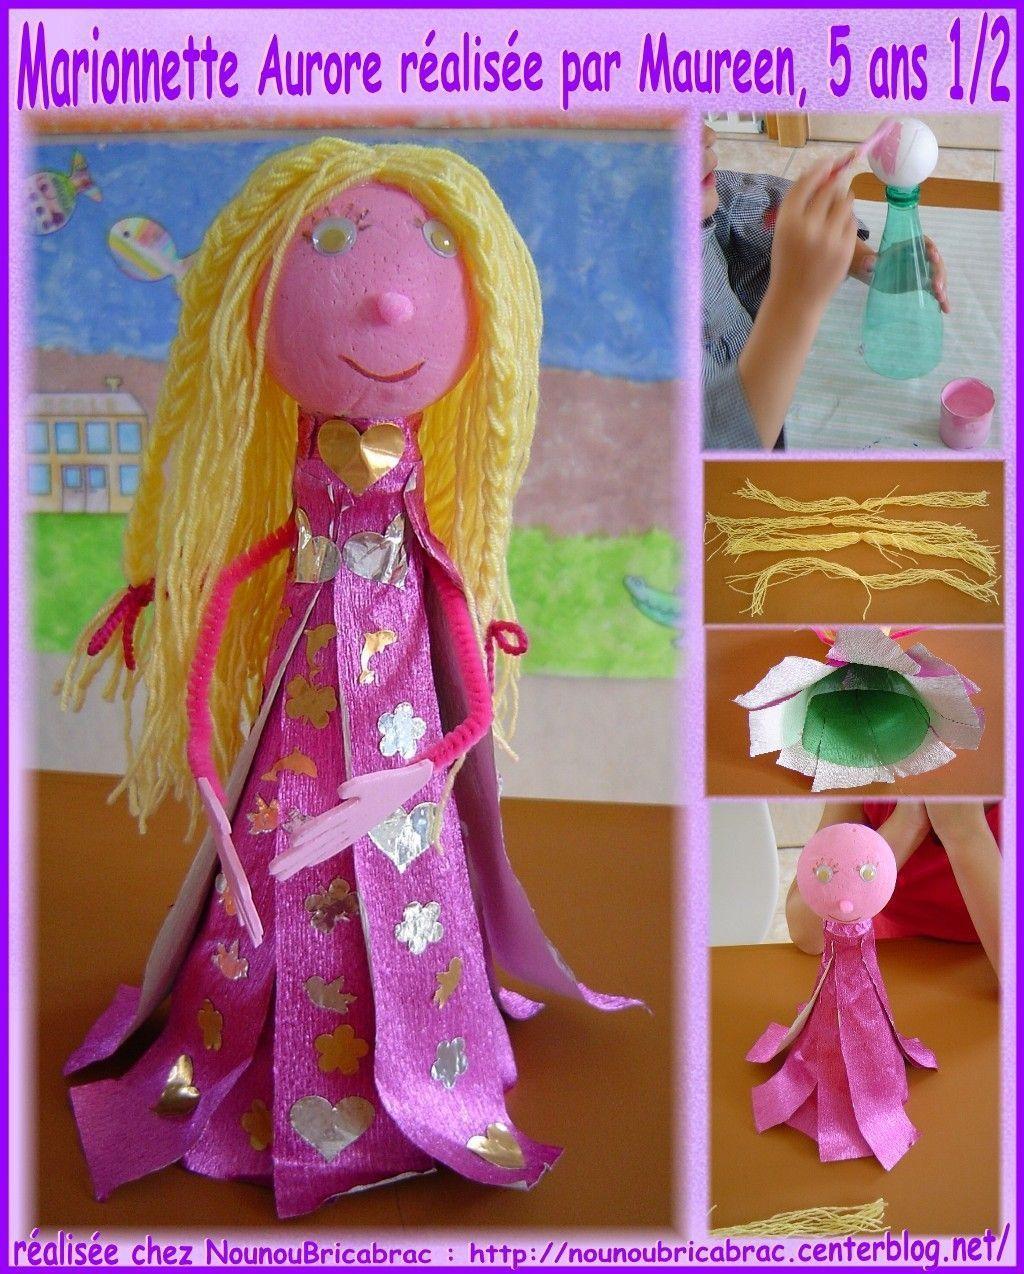 Marionnette *Aurore* réalisée par Maureen, 5 ans 1/2